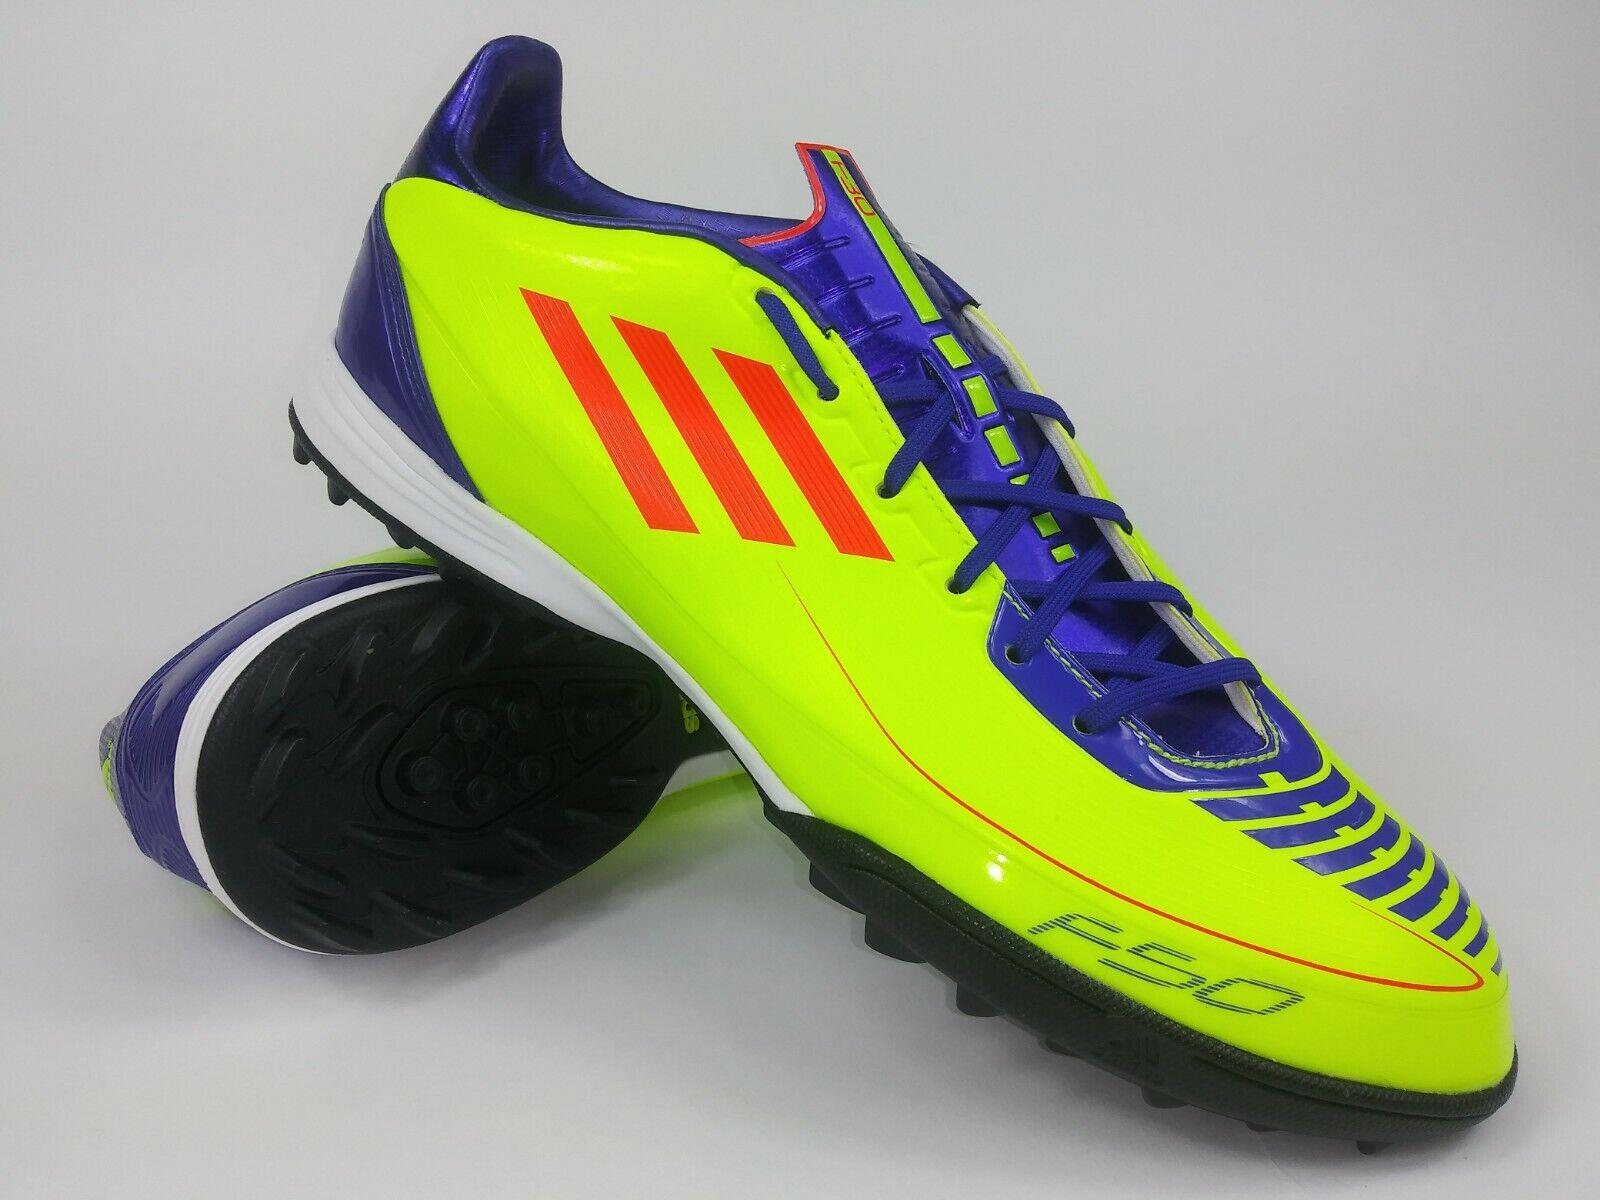 Adidas de Hombre Raro F30 TRX Tf Turf G40302 Amarillo Morado Soccer Zapatos